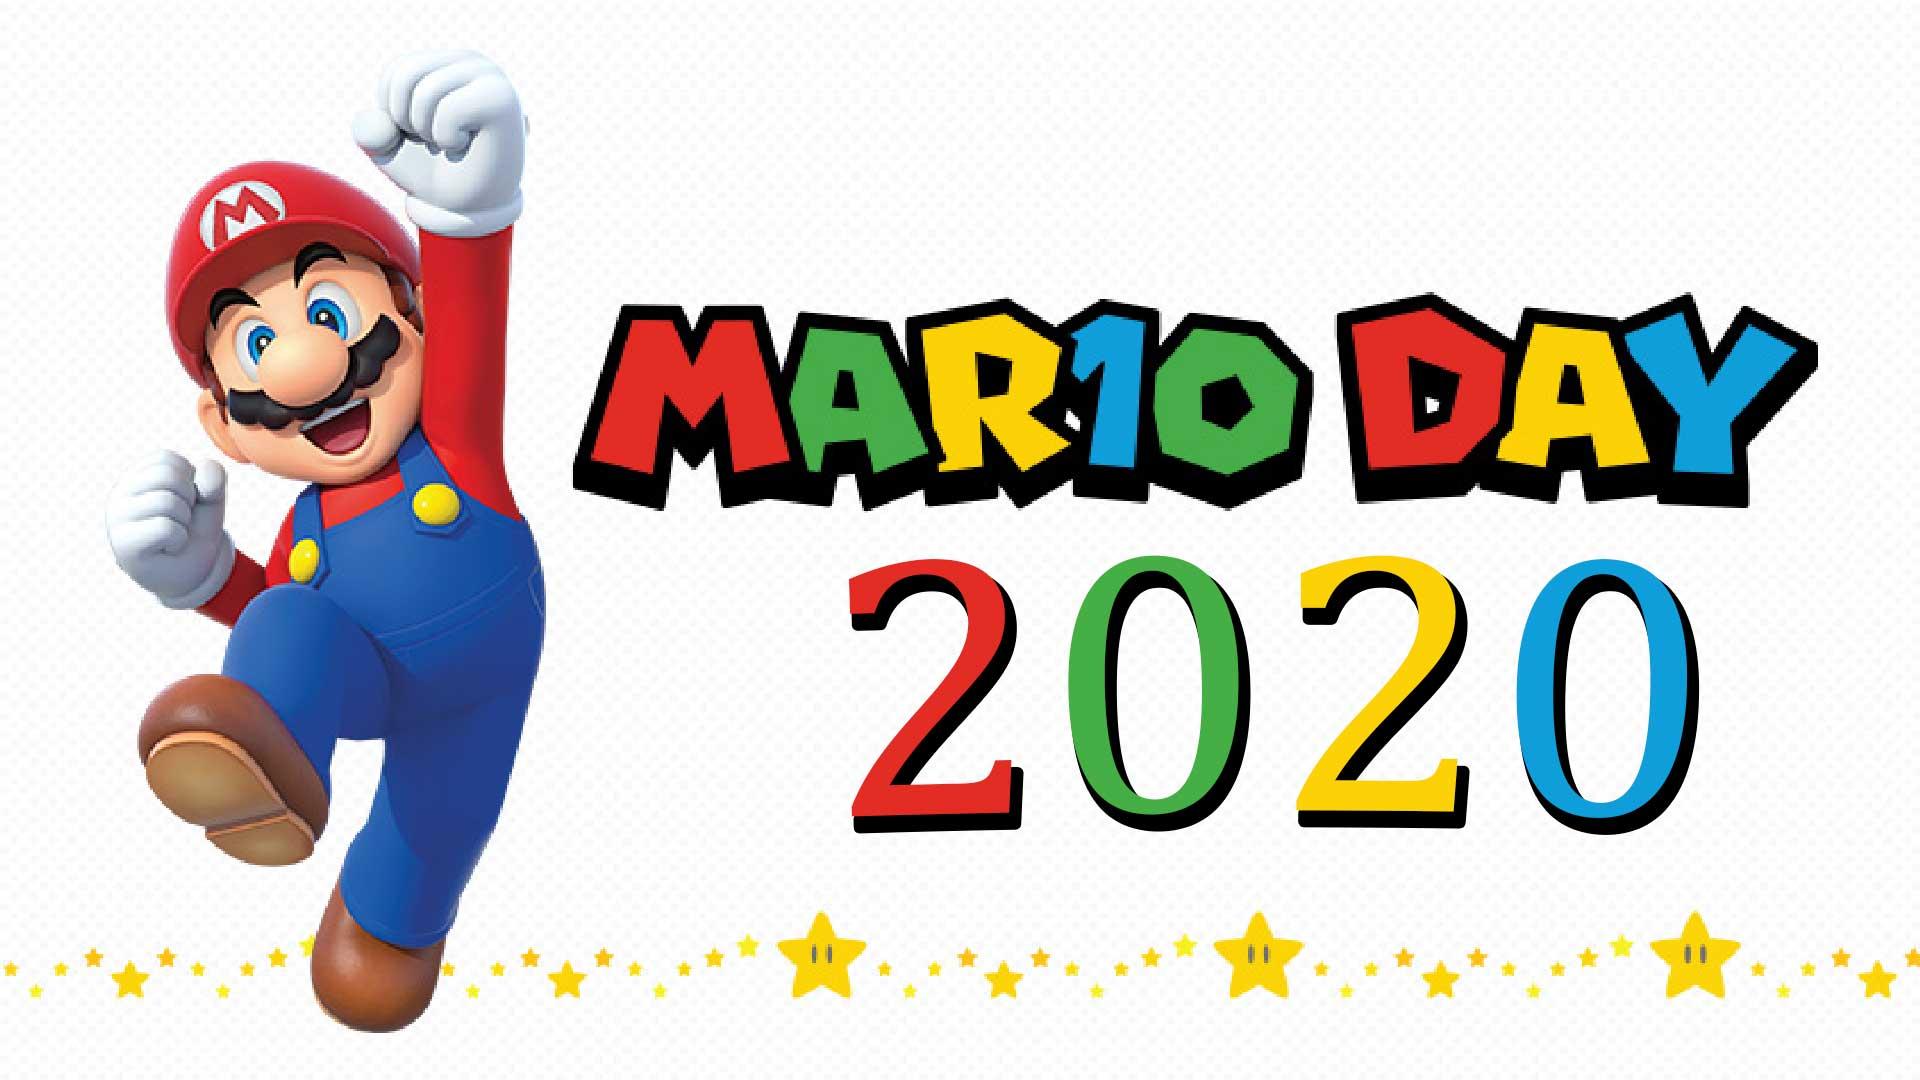 mariotag mar10 day mario day 2020